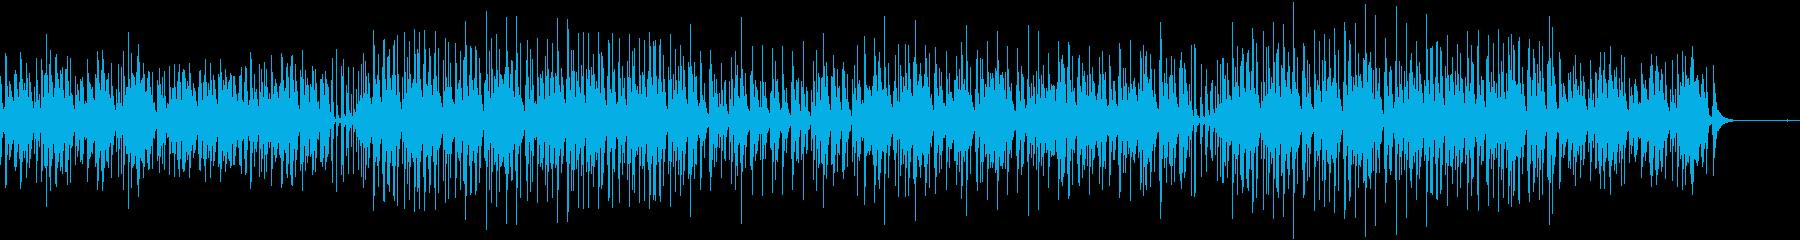 ベルと鉄琴木琴が軽快なアコースティックの再生済みの波形